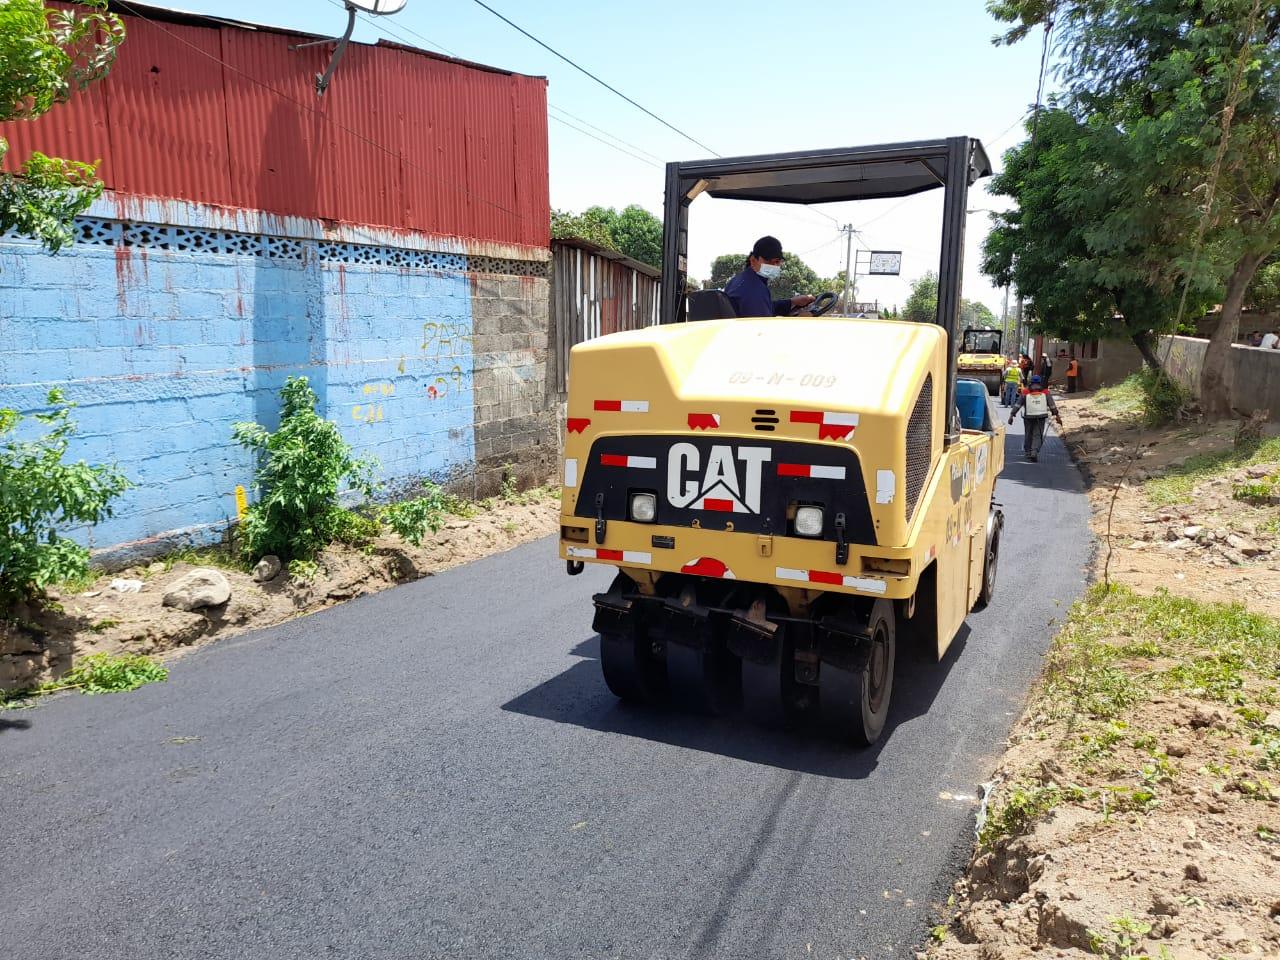 Siguen construyendo calles en barrios de Managua Managua. Ingrid Canda/Radio La Primerísima